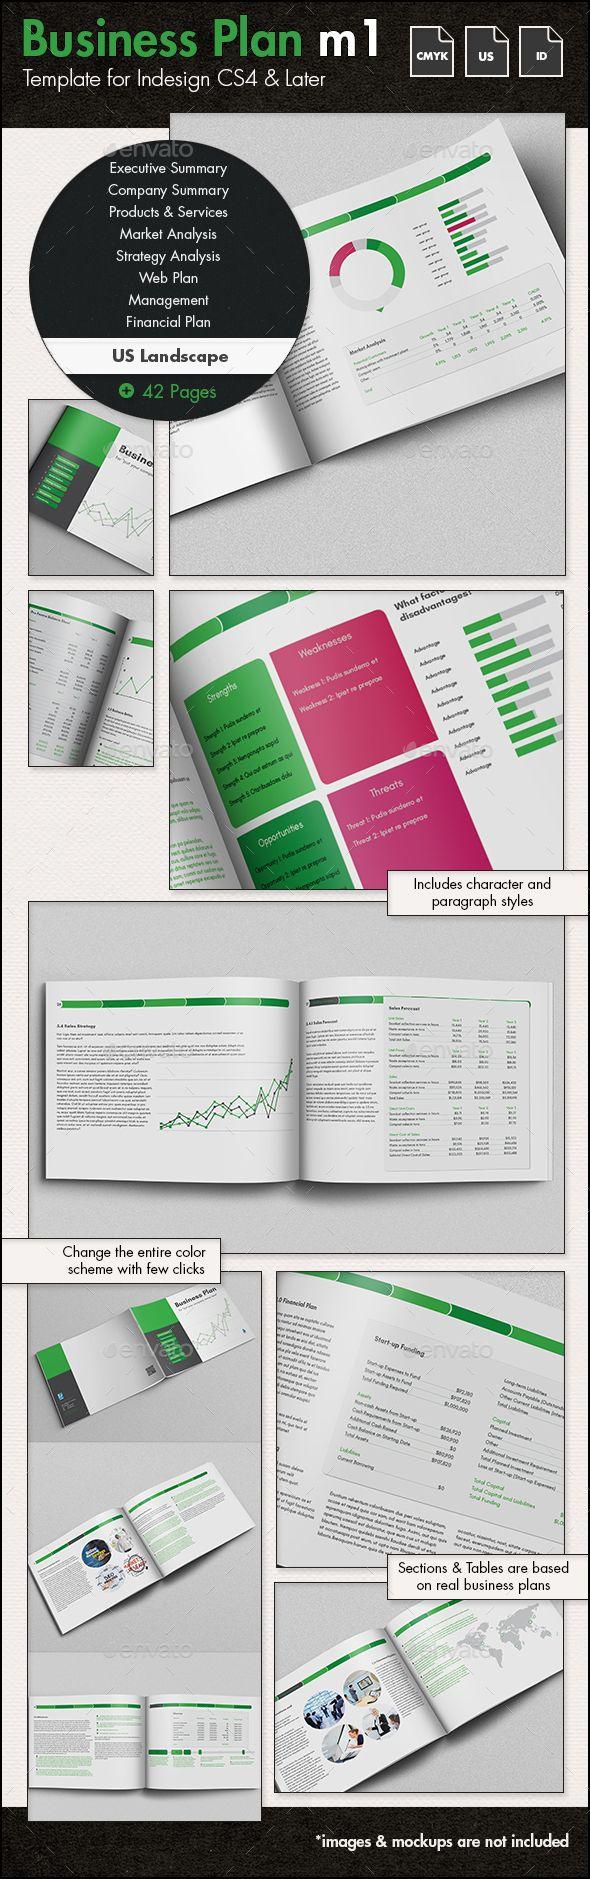 Business Plan Template m1 - US Letter Landscape